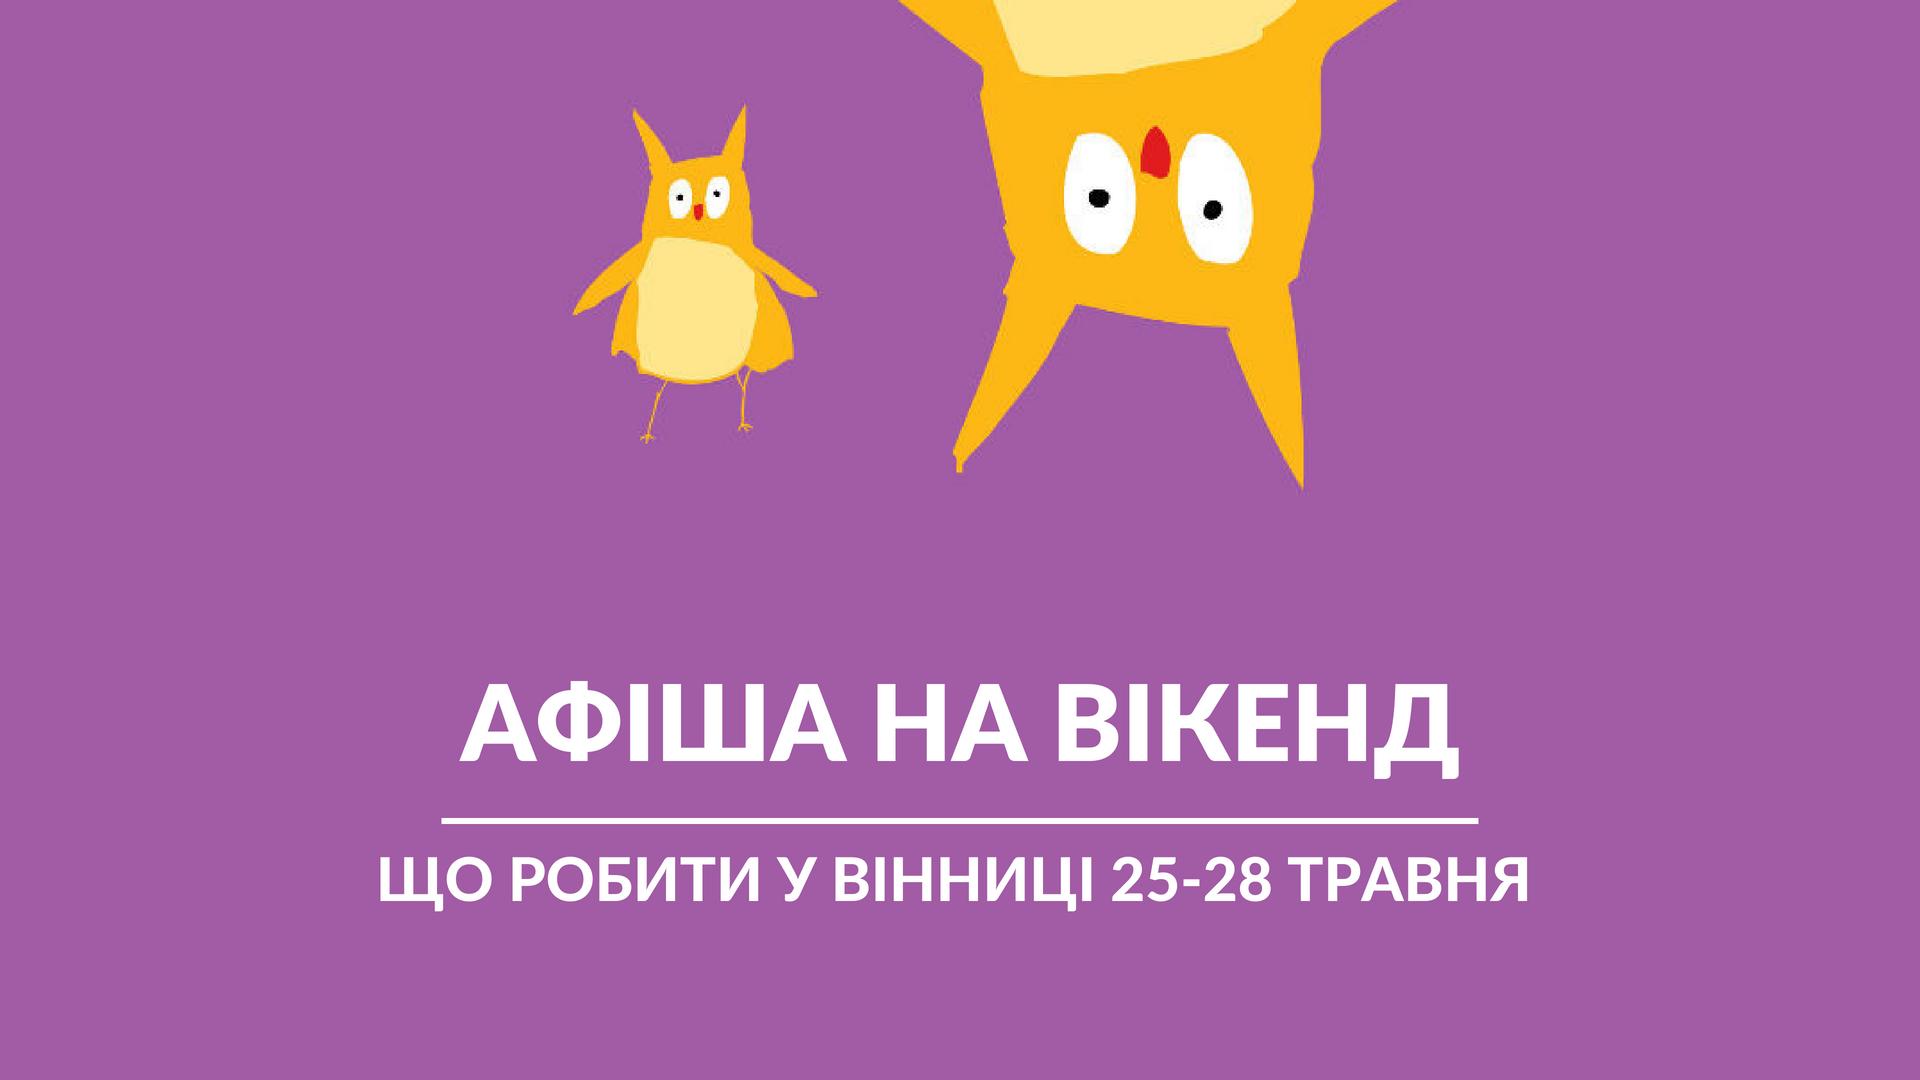 Що робити у Вінниці на вихідних: афіша на вікенд 25 – 28 травня